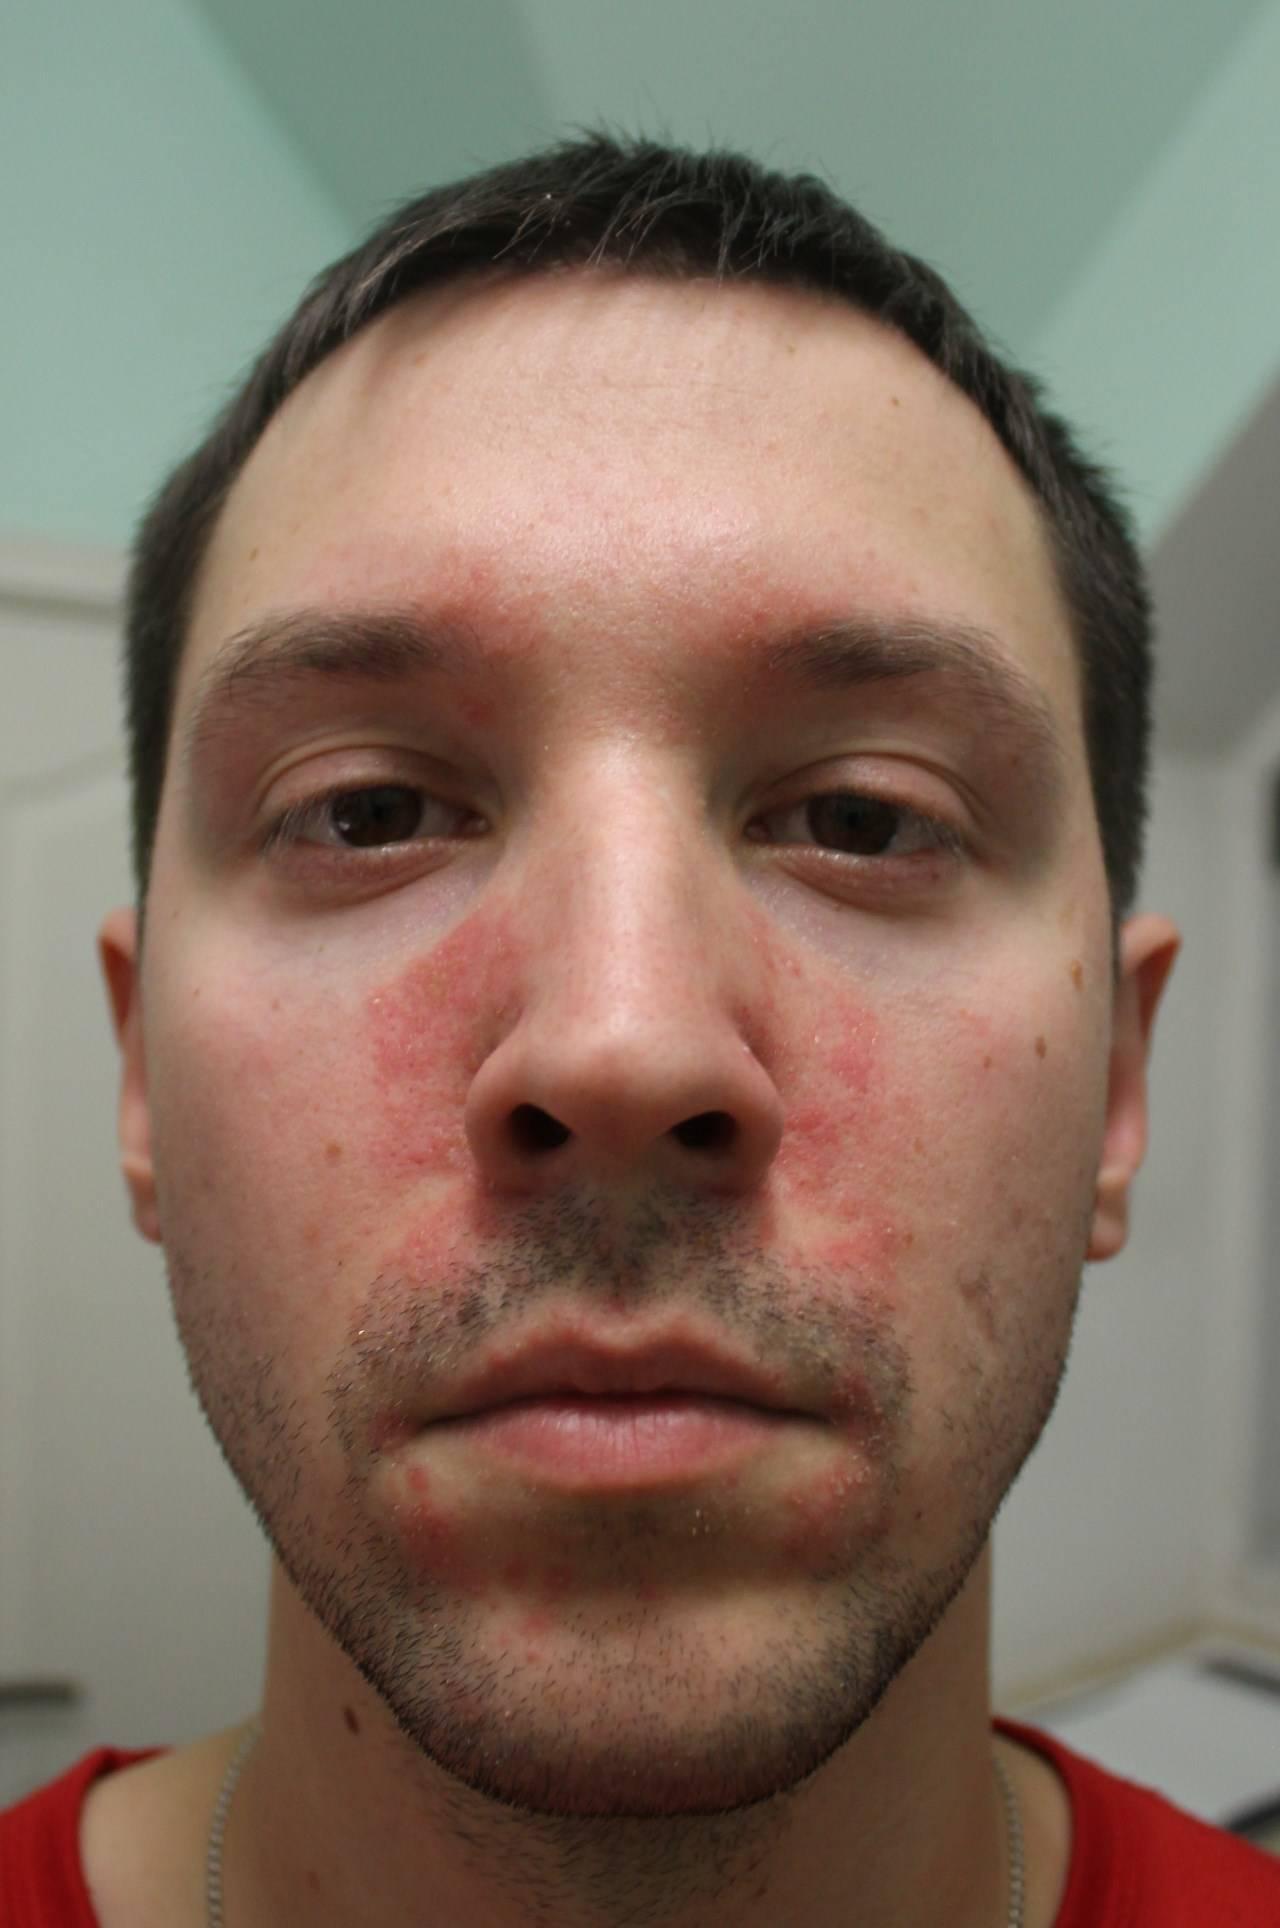 Инфекционный (вирусный) дерматит: фото, причины, симптомы и лечение